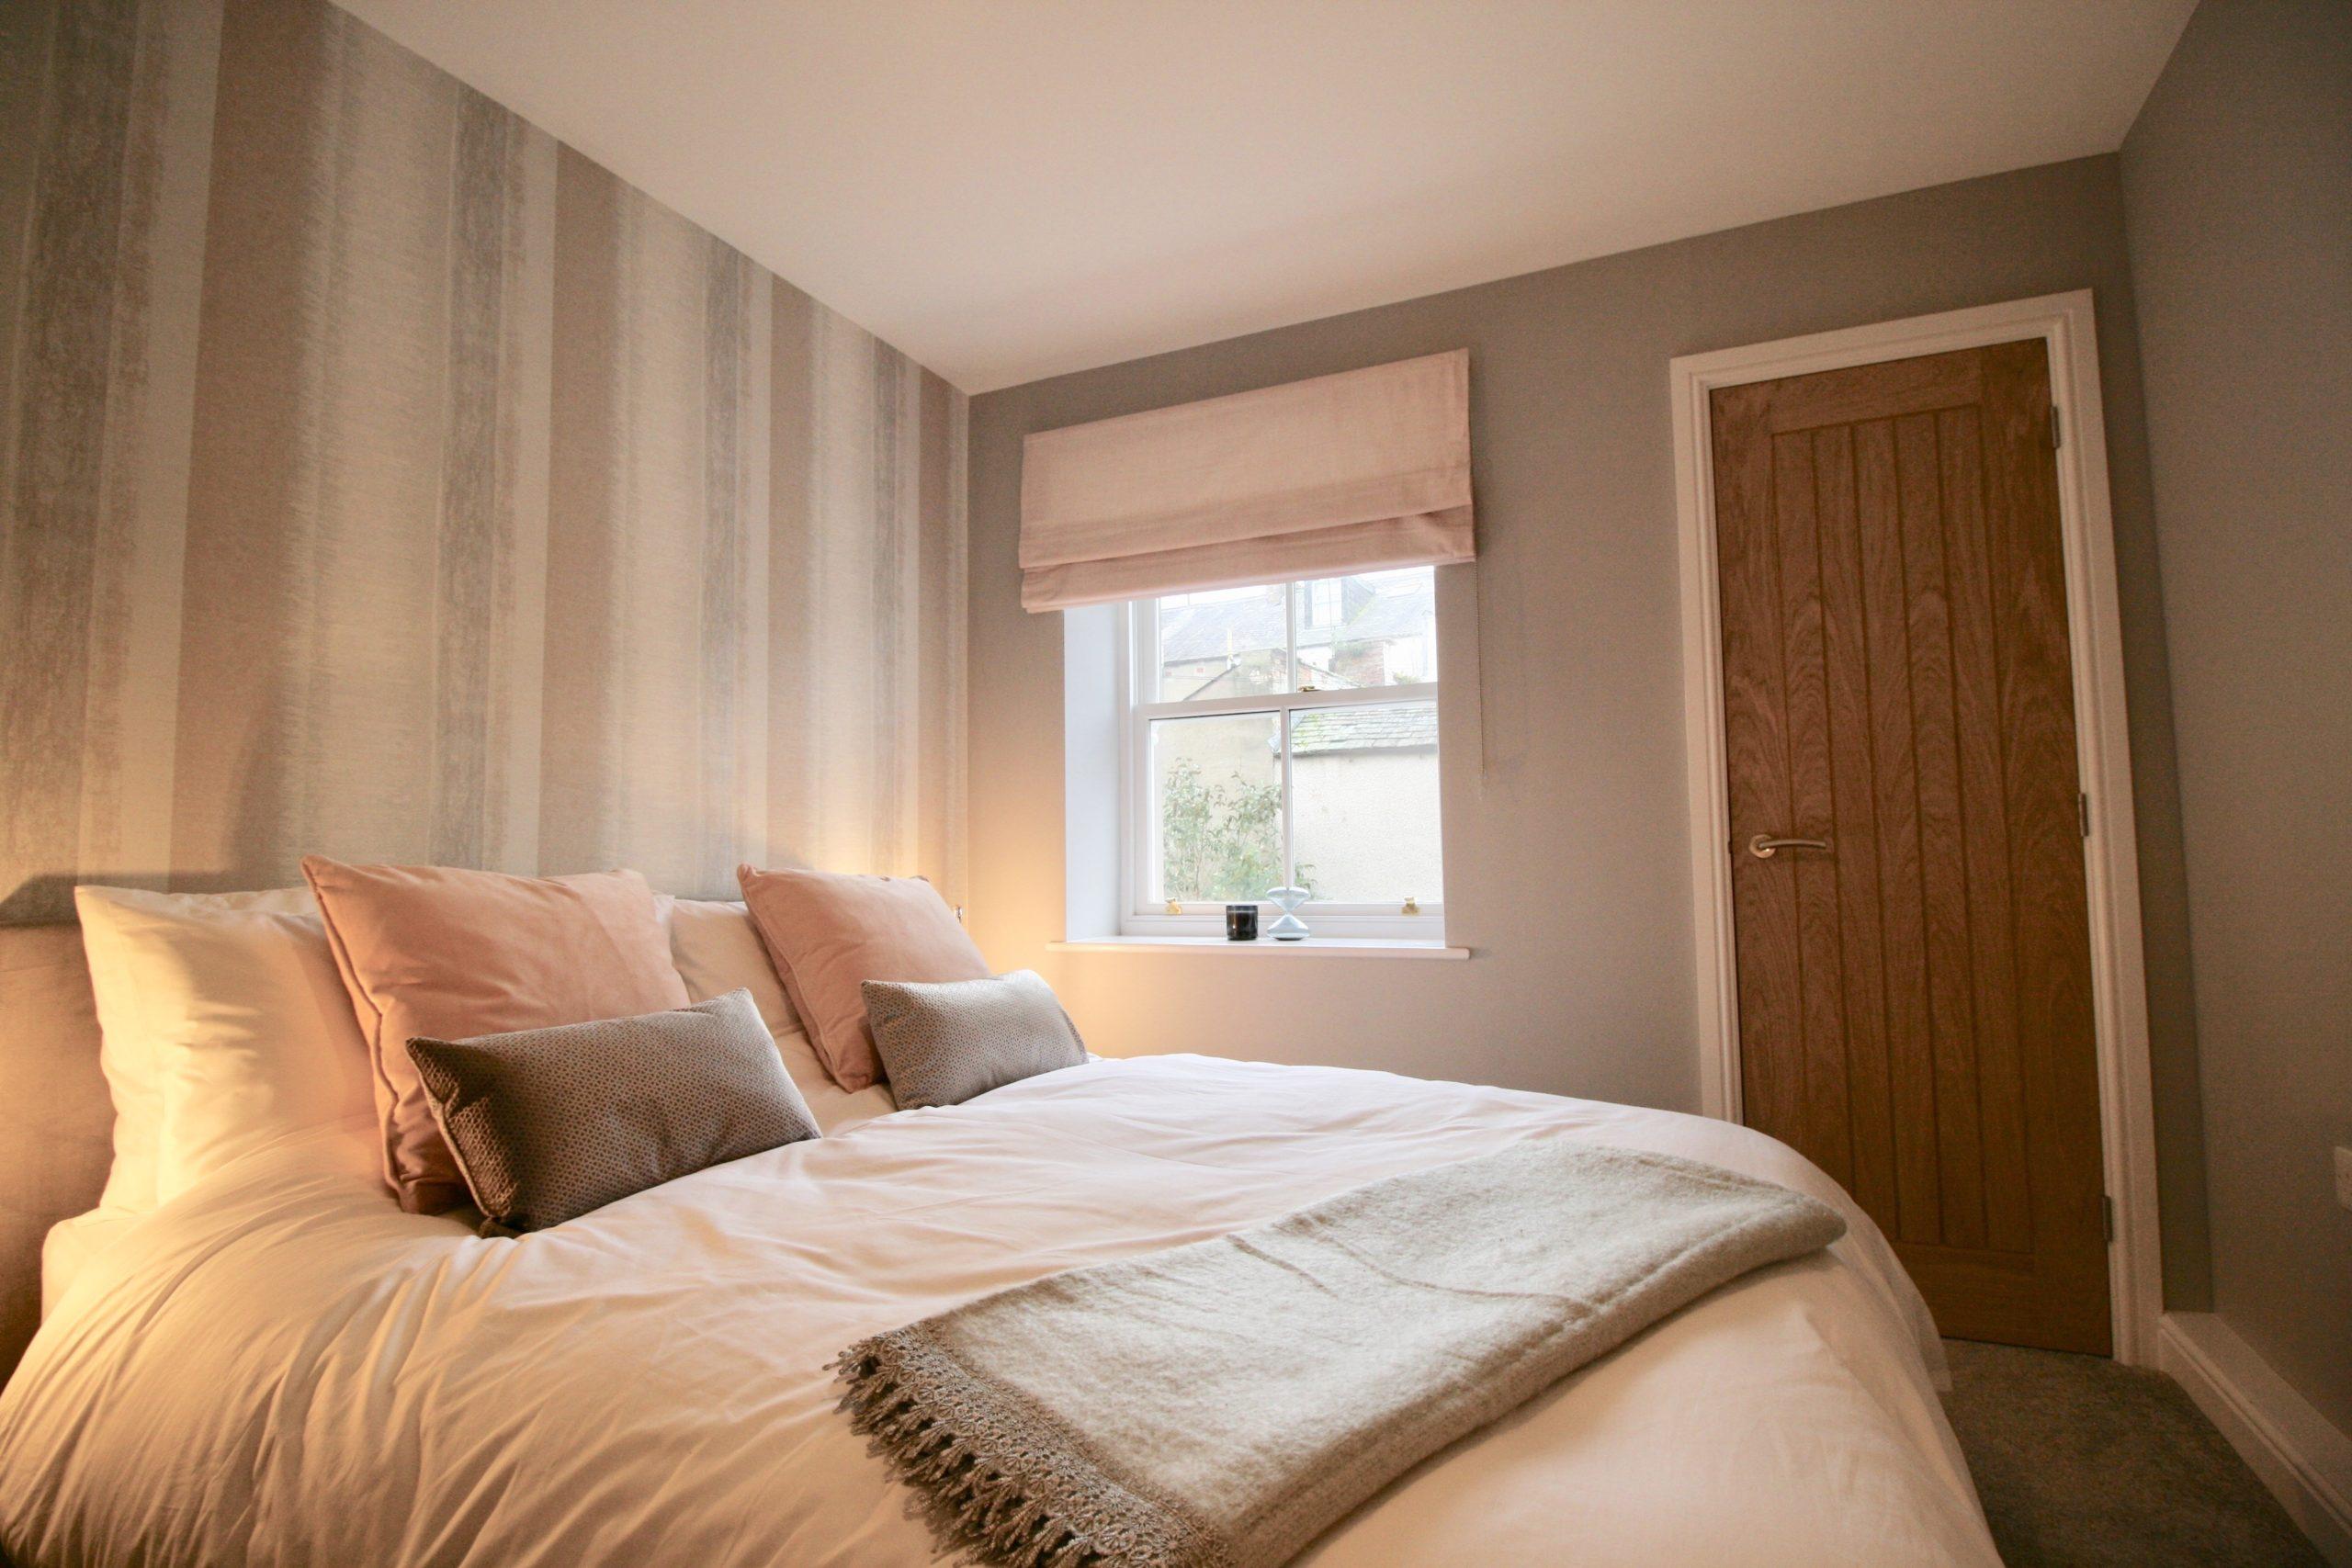 DuJour velvet blush roman blind from Blinds2Go for show home designed by Amelia Wilson Interiors Ltd